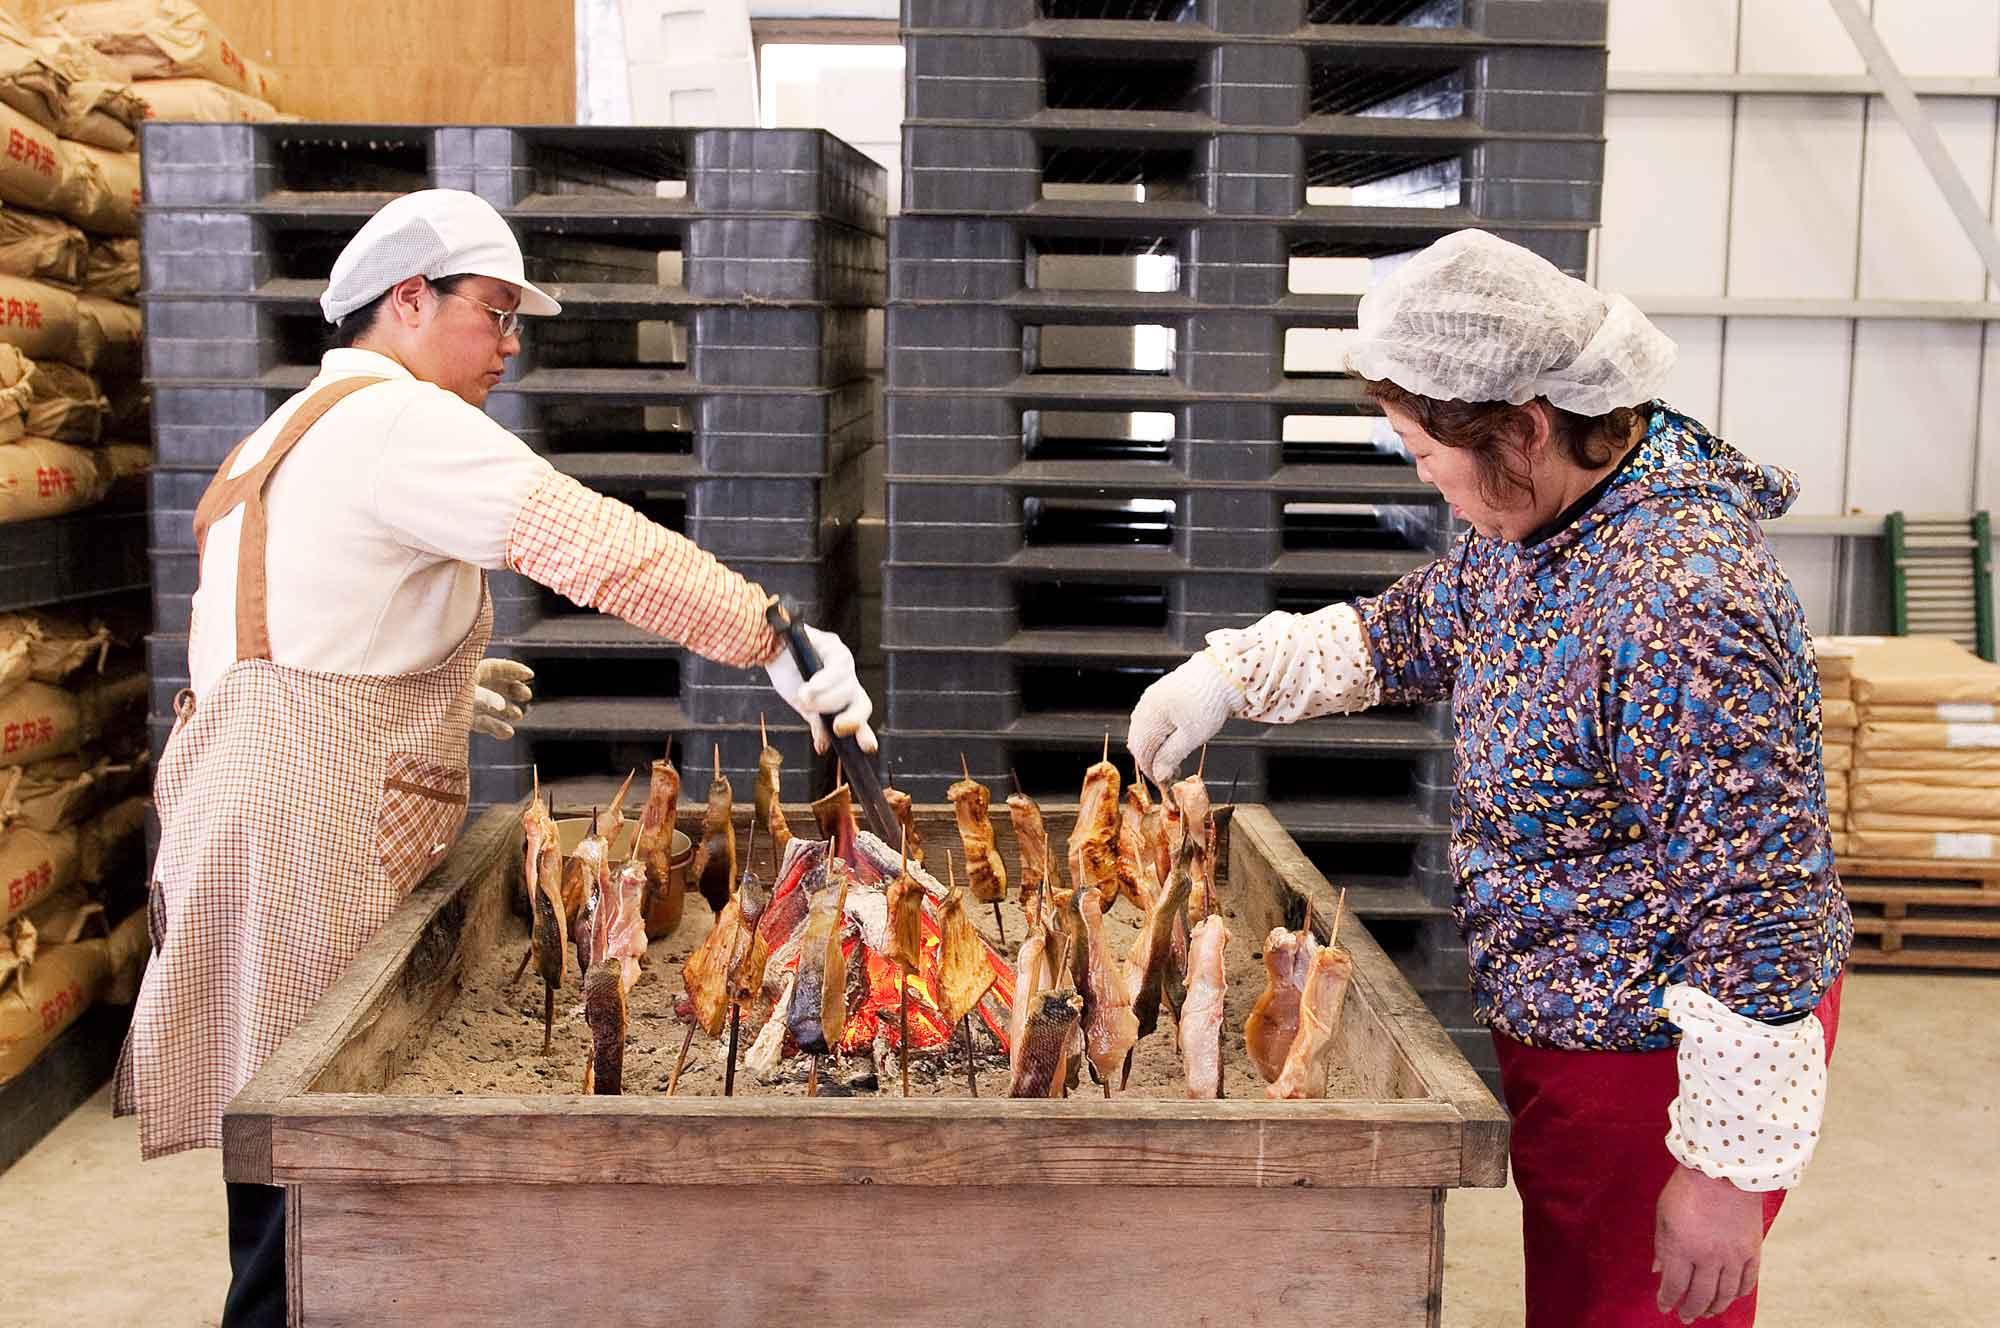 山形県アンテナショップおいしい山形 つくり手を訪ねて|さけます増殖資源加工センター:                 塩で2日間熟成された後、さらに2~3日味噌粕に漬け込んだ状態で、炭火焼きが行われます。